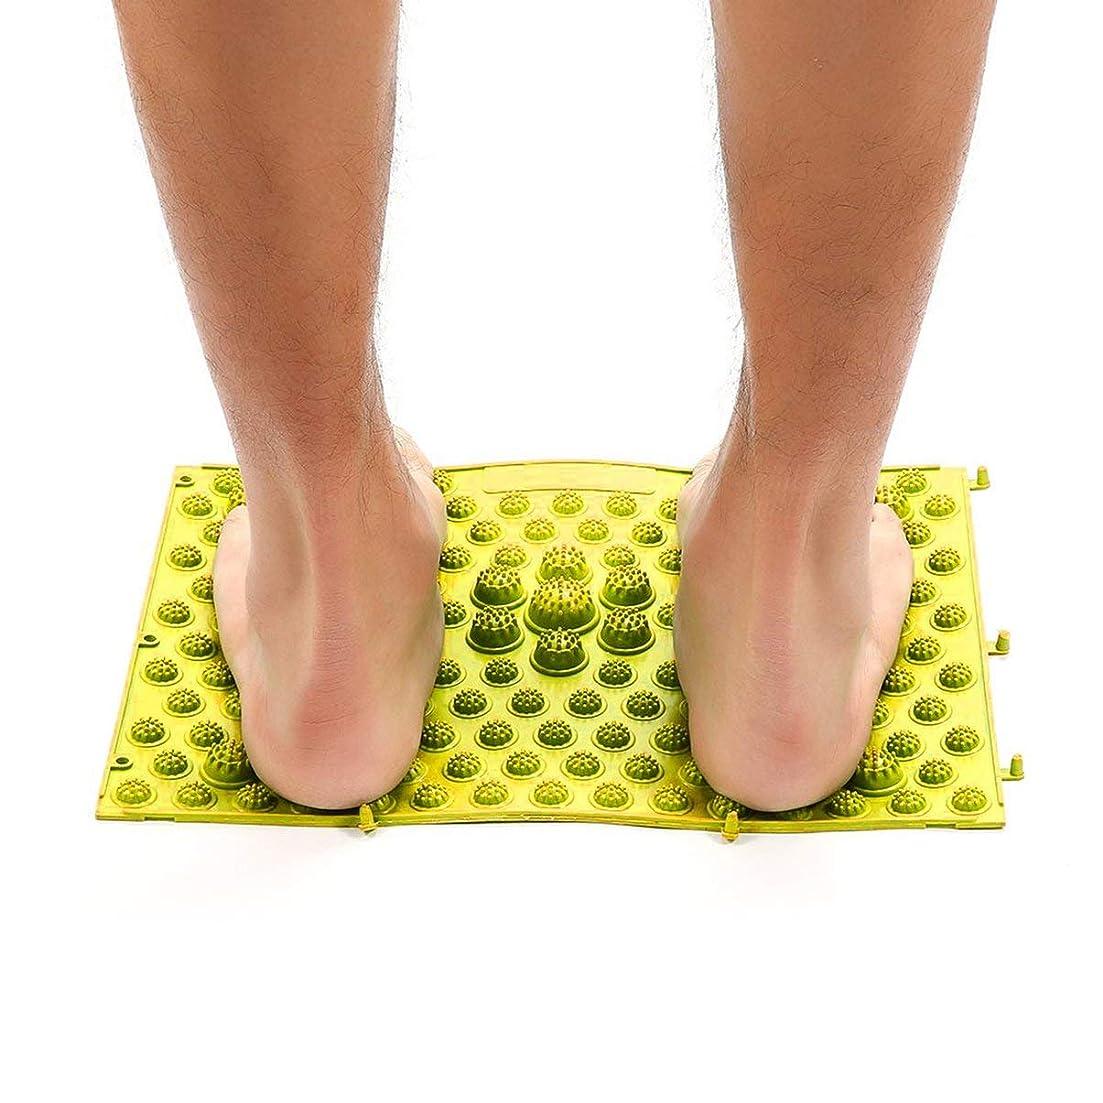 貫入ポテトひねりAcupressure Foot Mats Running Man Game Same Type Foot Reflexology Walking Massage Mat for Pain Relief Stress Relief 37x27.5cm